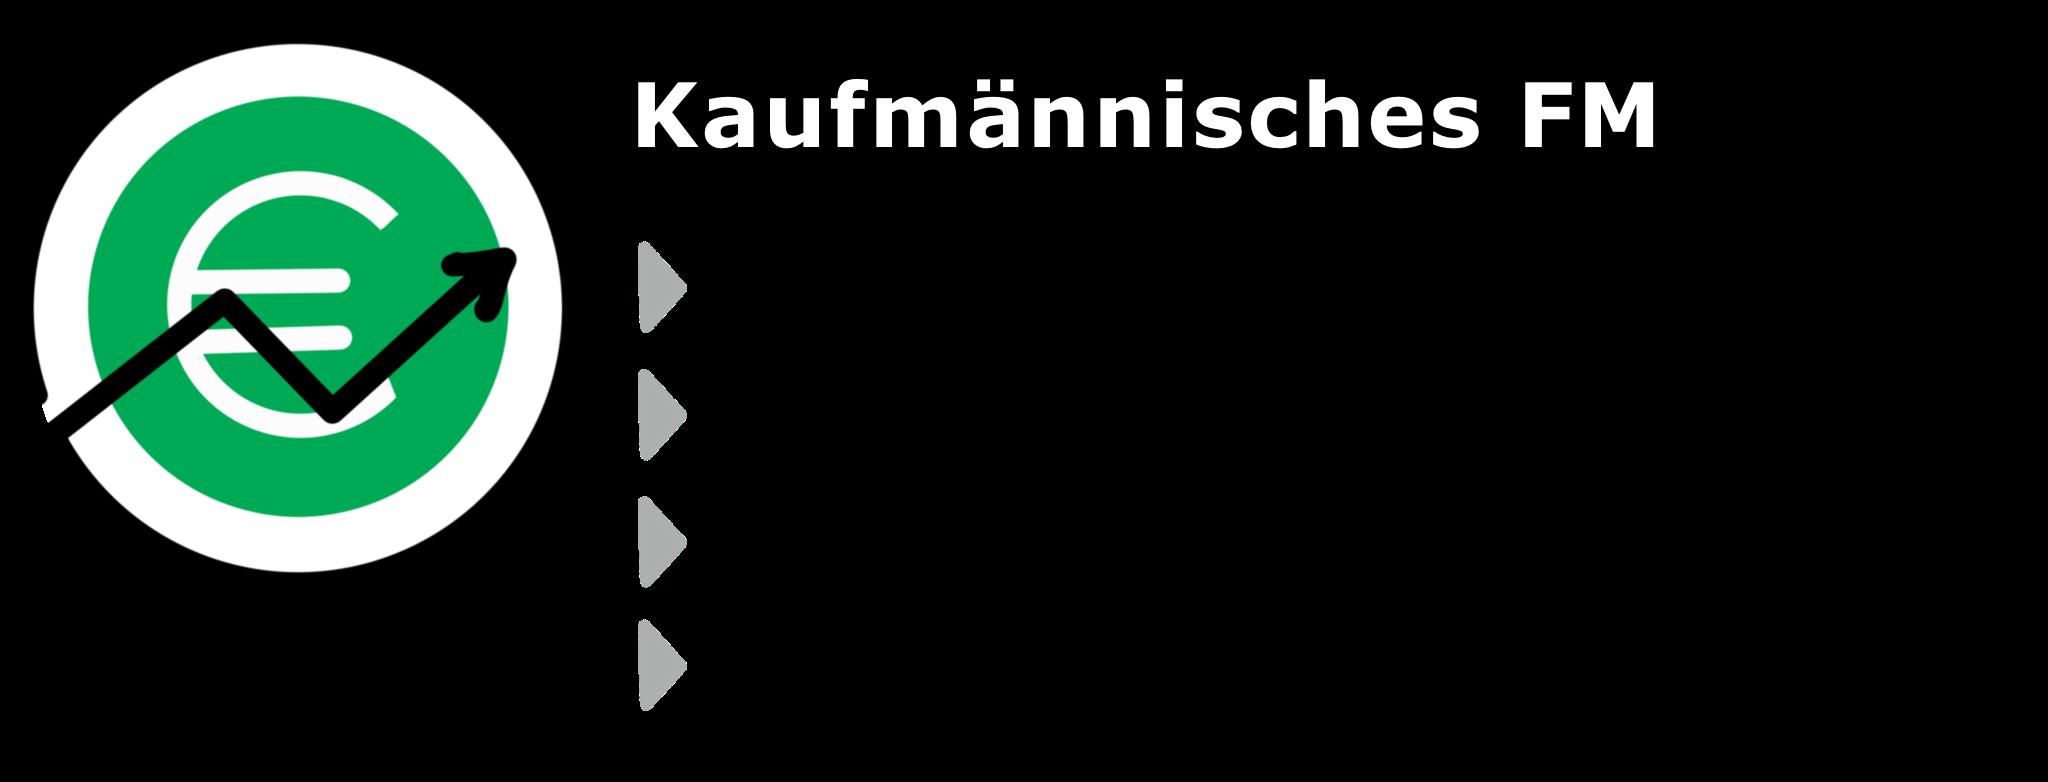 TechnischesFM